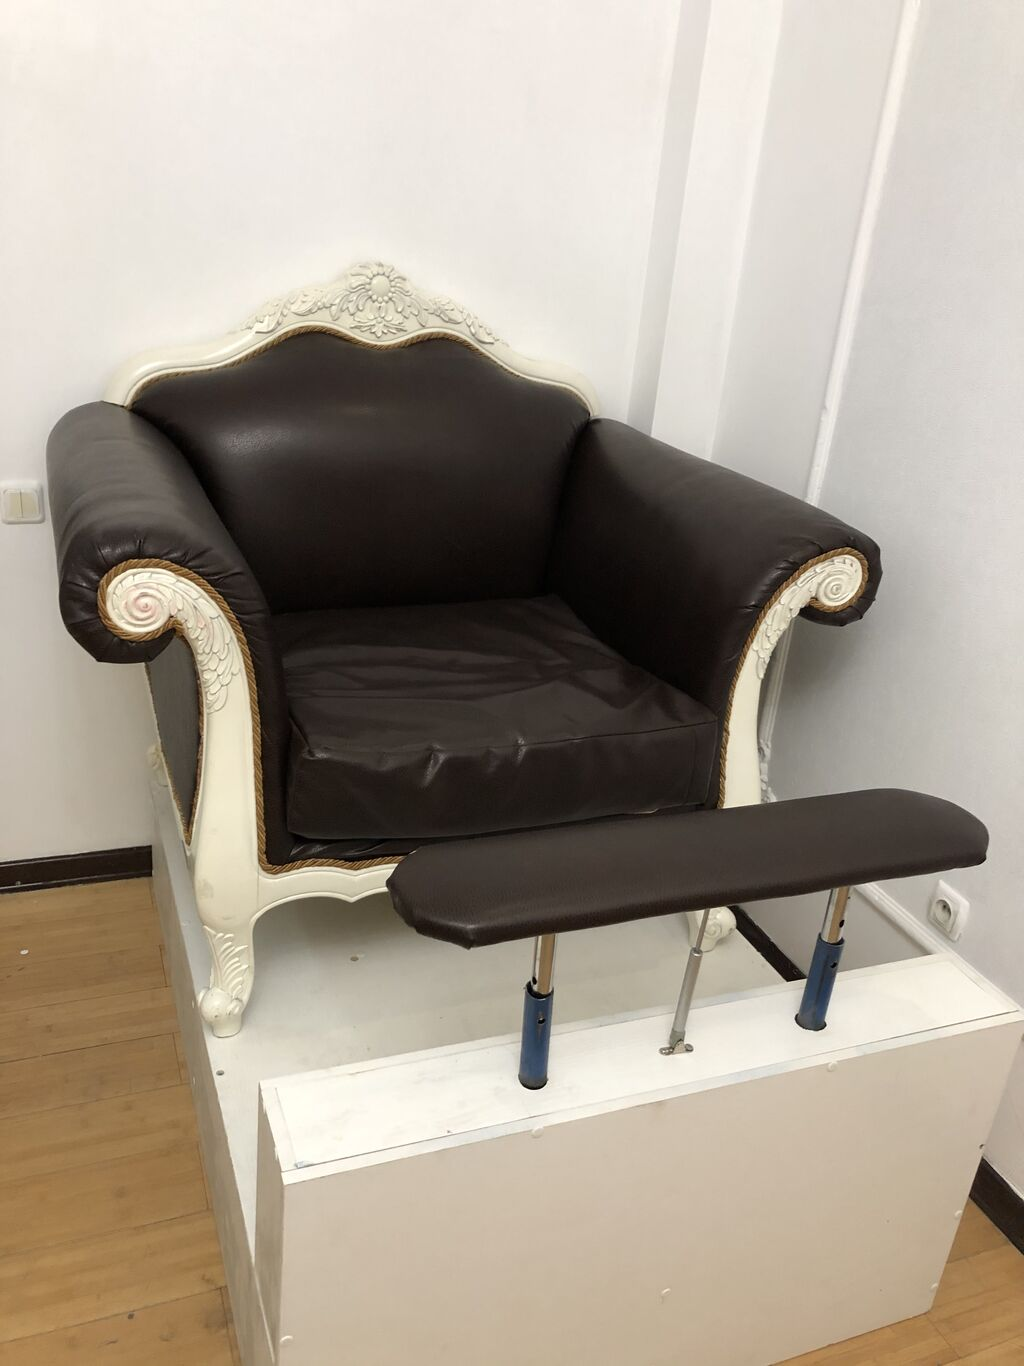 Продаю срочно! Педикюрное кресло, очень удобное, комфортно для клиентов